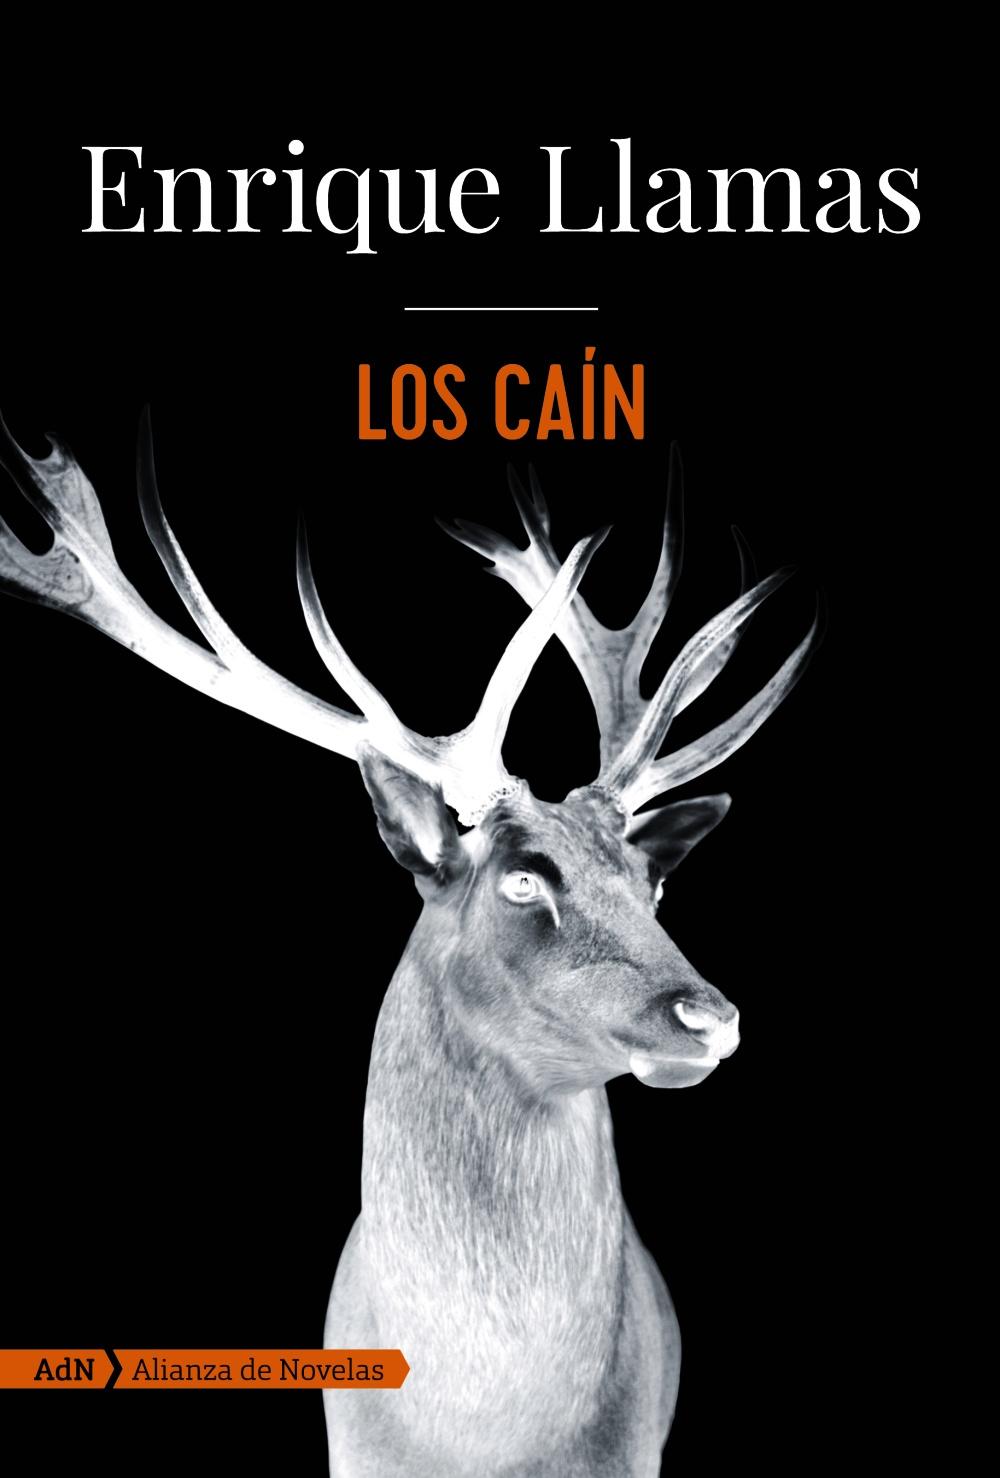 Los Caín, Enrique Llamas